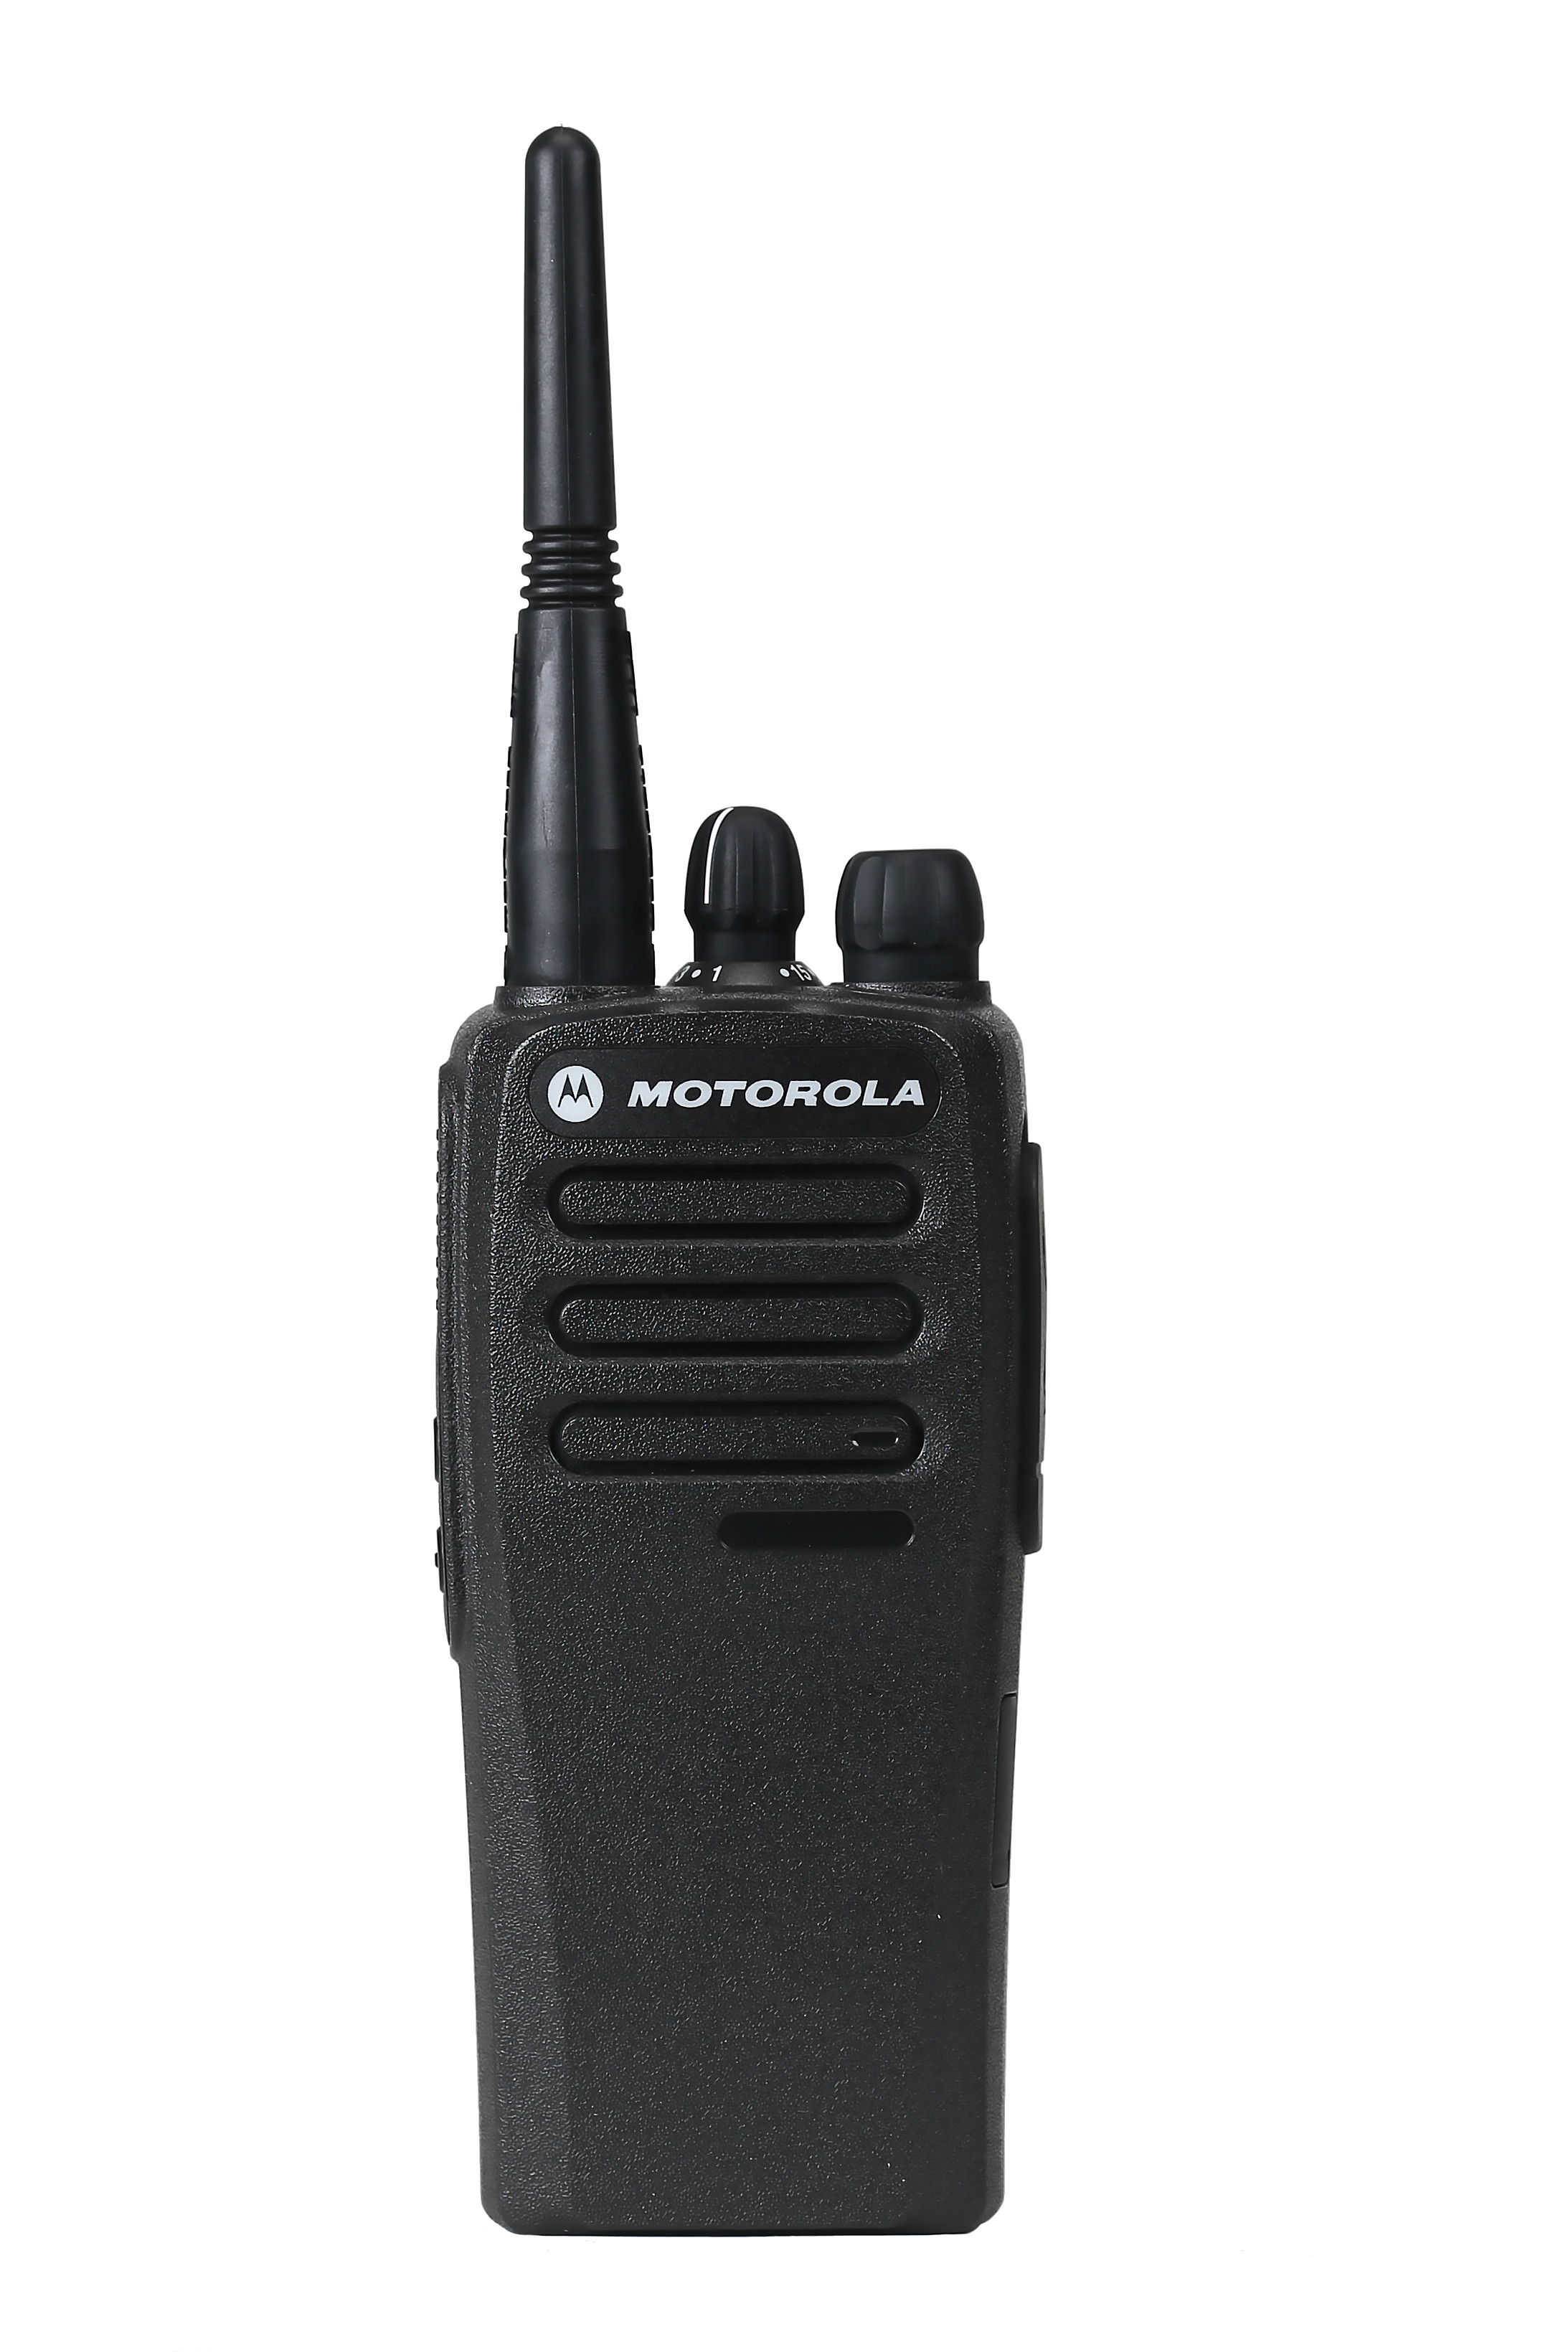 Профессиональная портативная рация Motorola DP1400 (+ настройка и программирование бесплатно!)